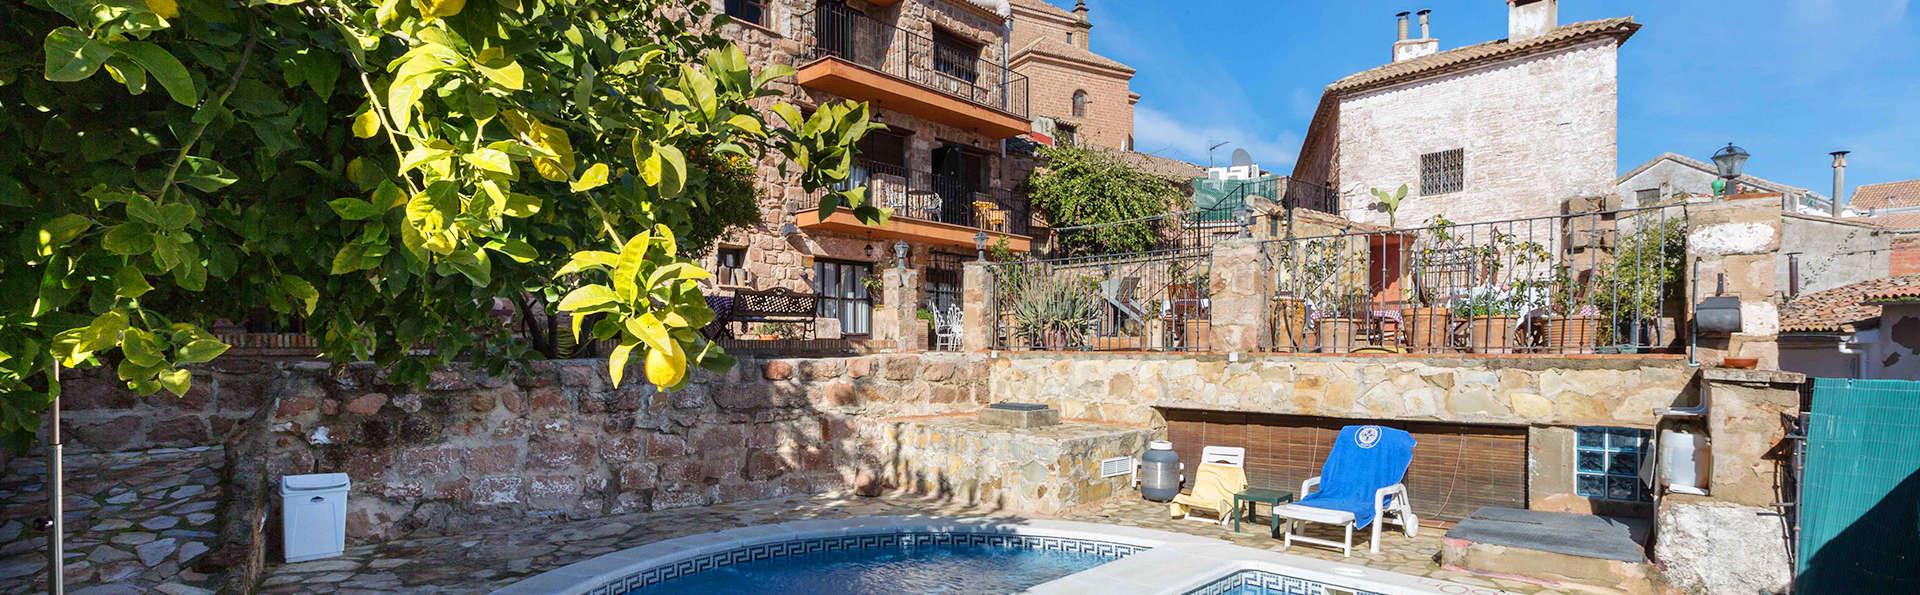 Hotel Palacio Guzmanes - edit_pool.jpg